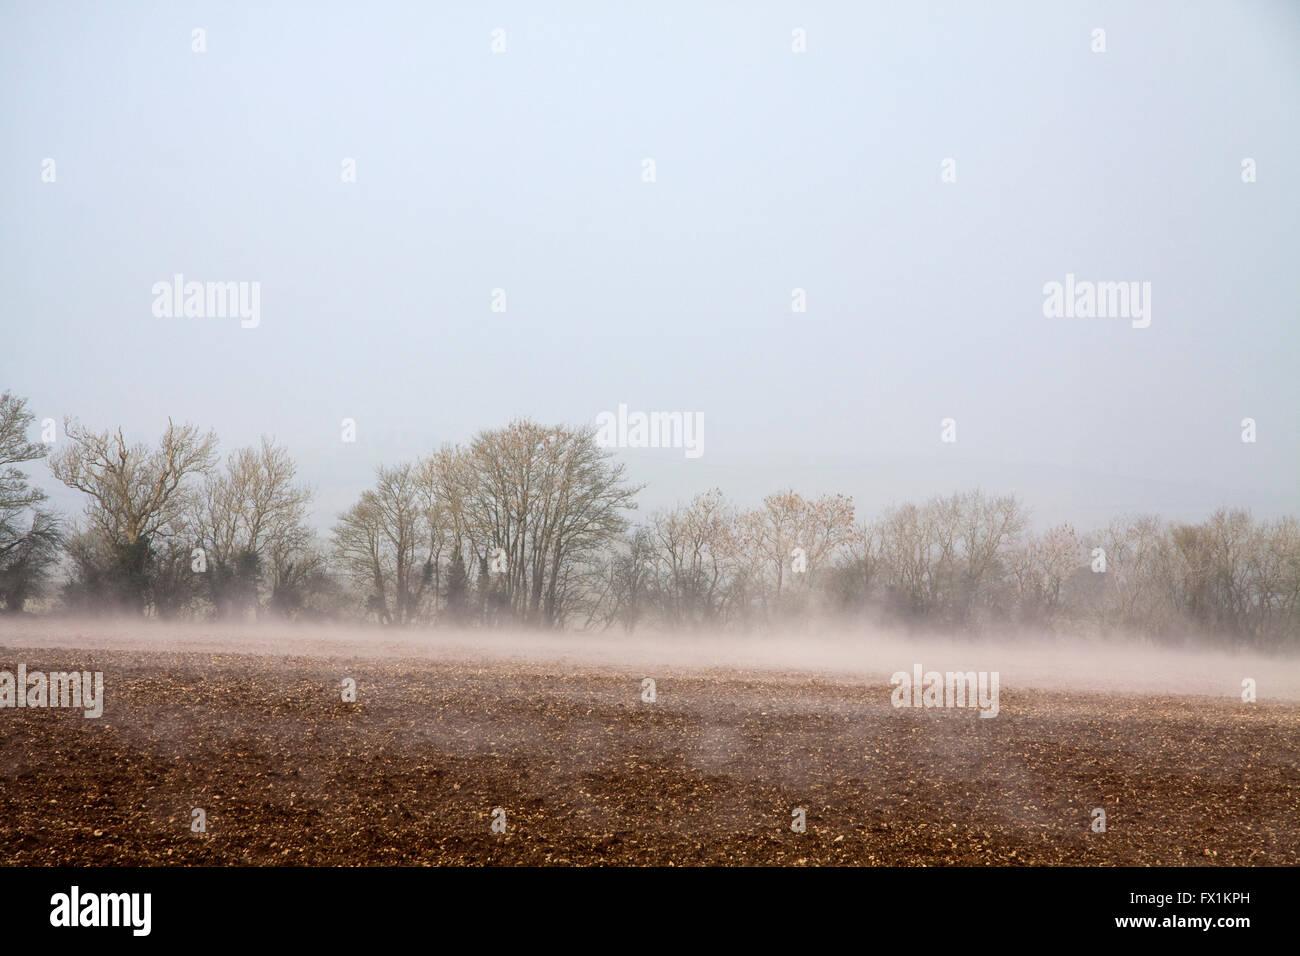 Heat Mist - Stock Image